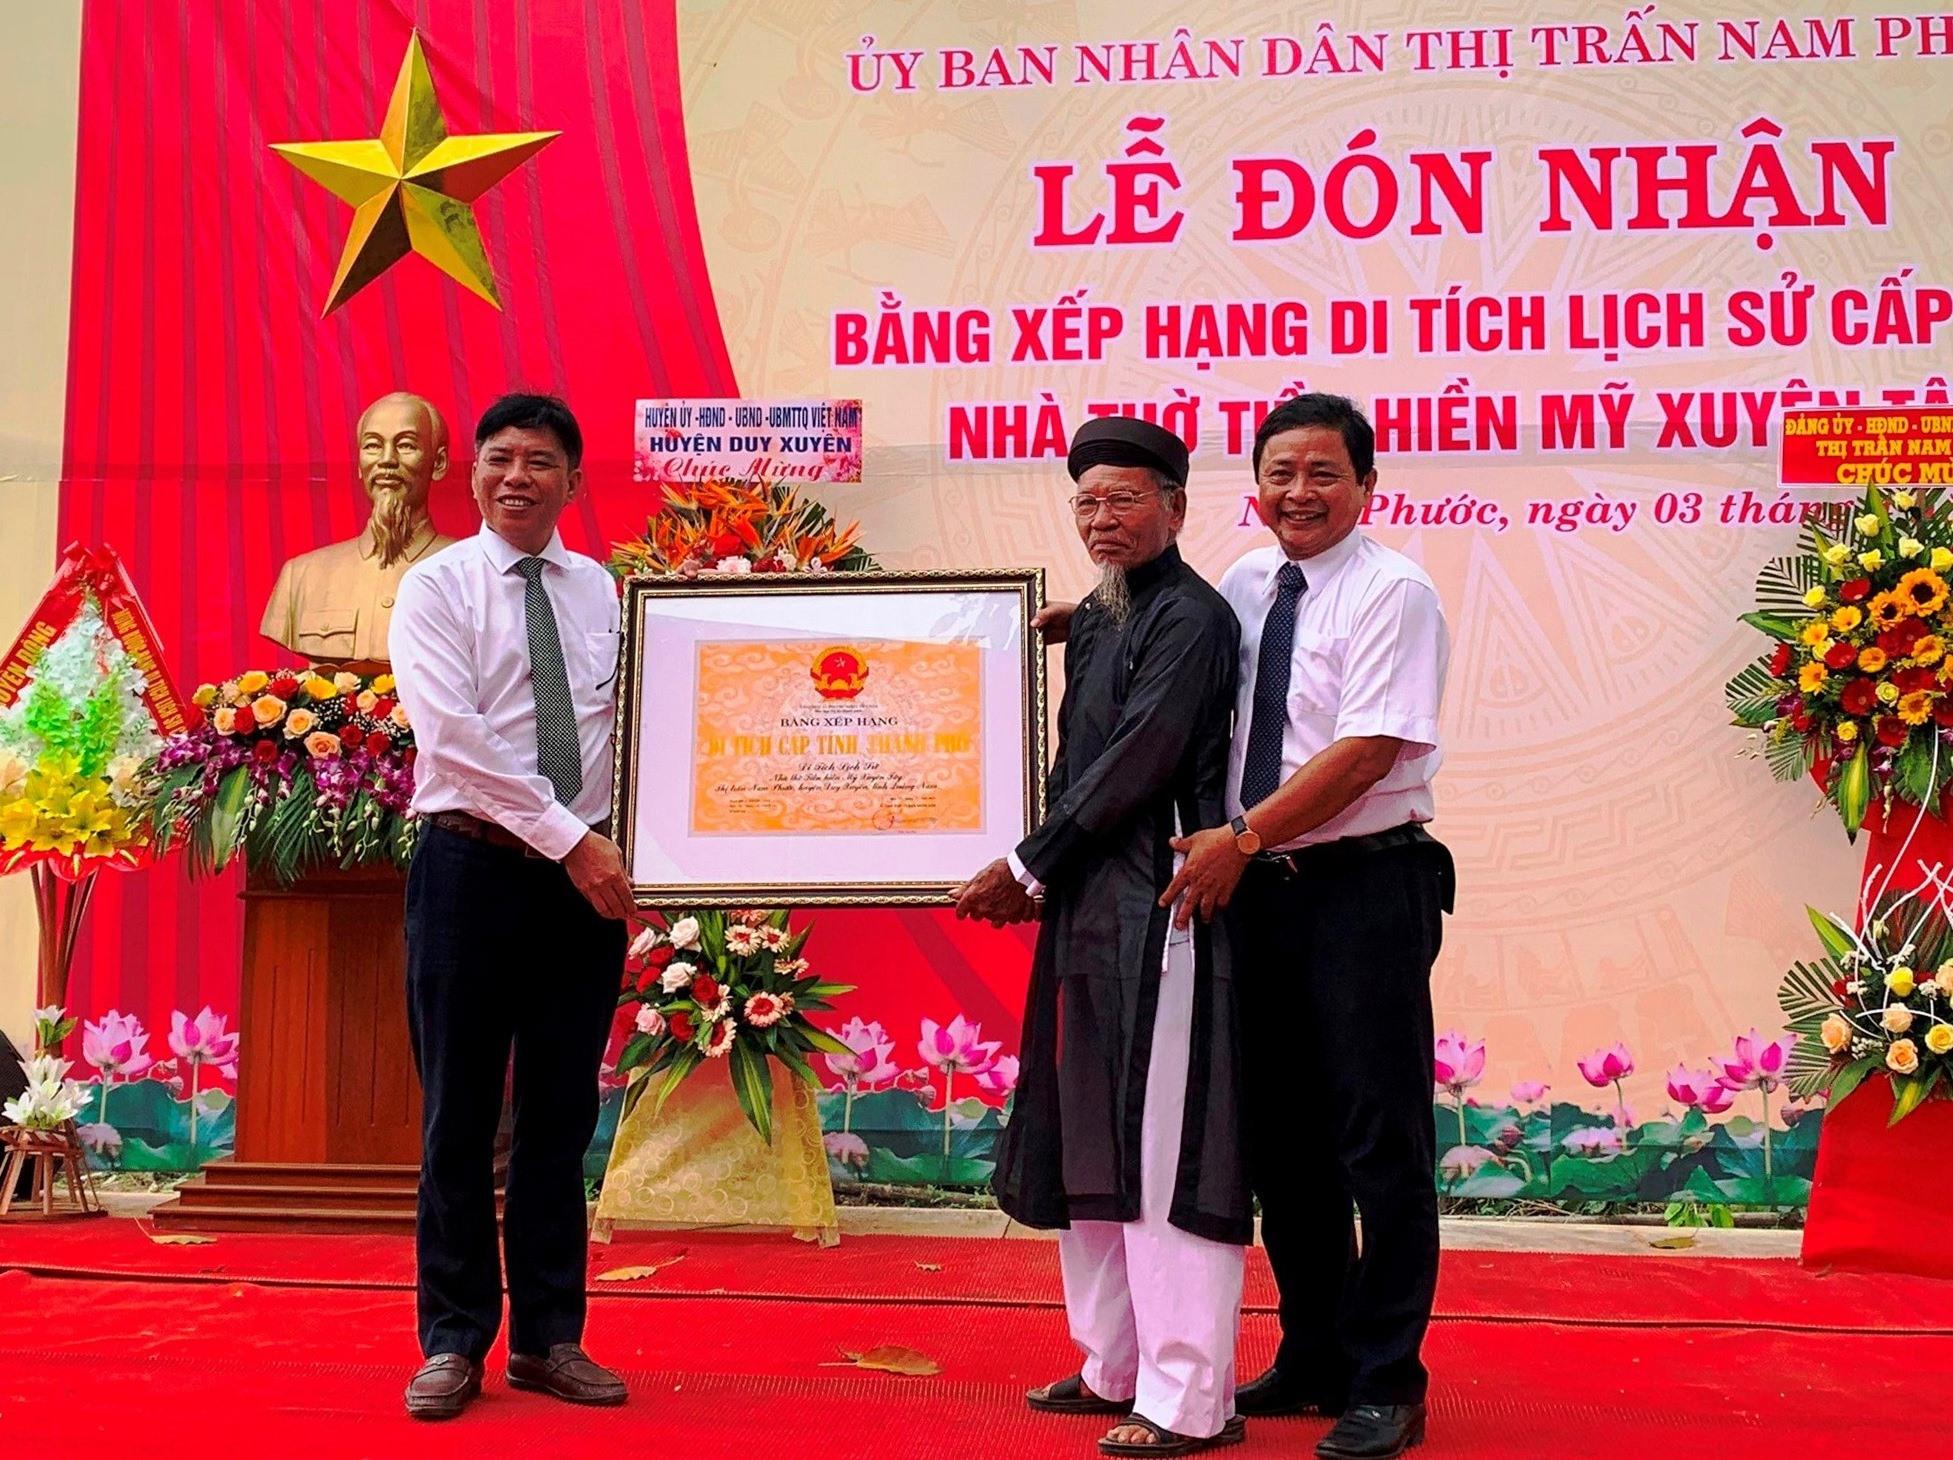 Đại diện lãnh đạo UBND huyện Duy Xuyên trao bằng công nhận di tích lịch sử cấp tỉnh - nhà thờ tiền hiền Mỹ Xuyên Tây cho ban đại diện làng. Ảnh: T.L